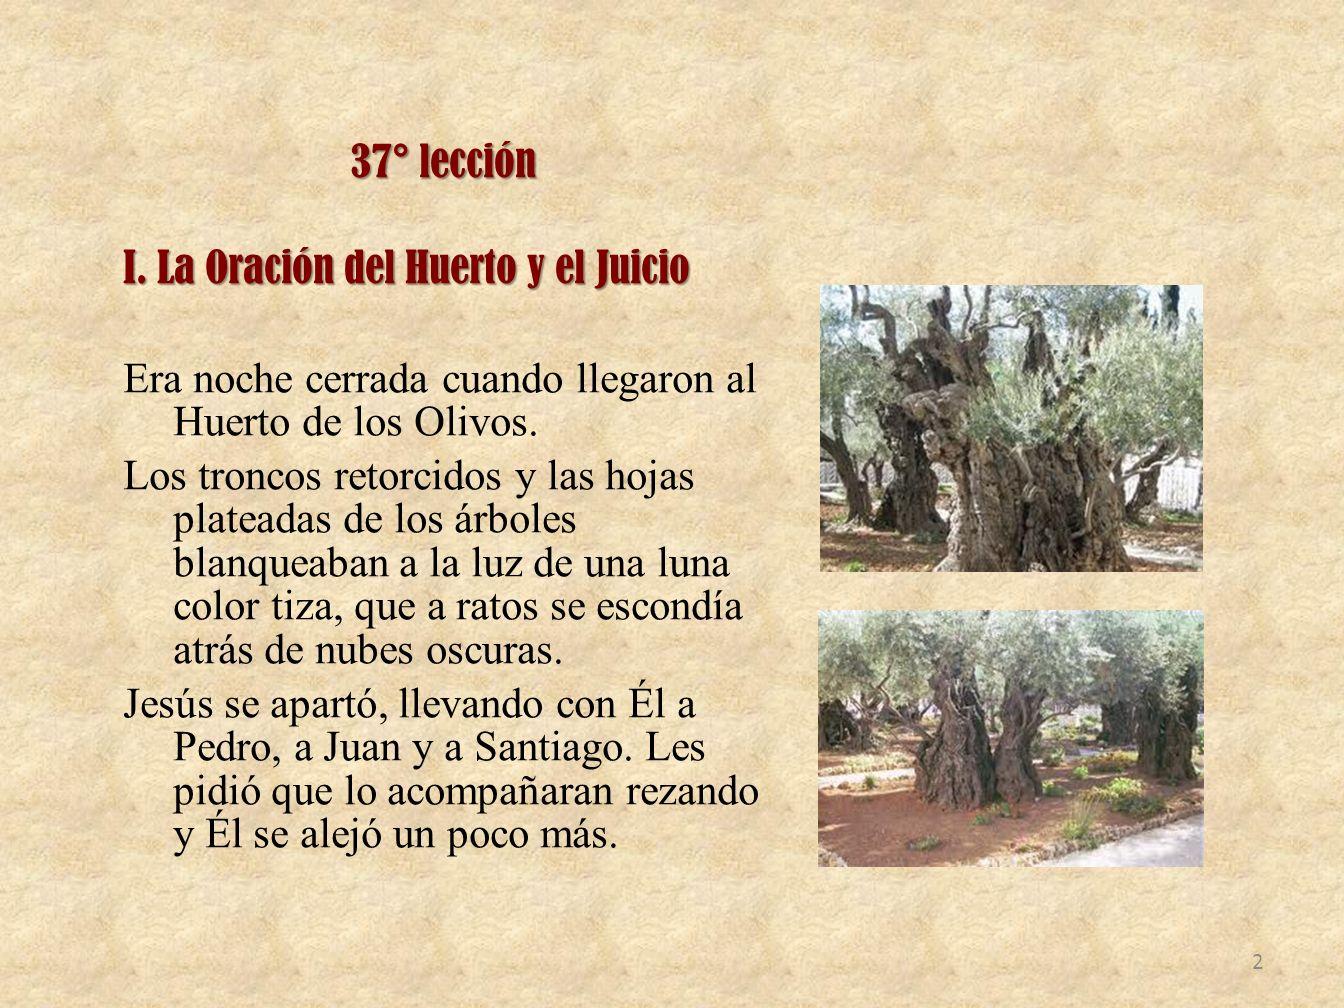 37° lección I. La Oración del Huerto y el Juicio Era noche cerrada cuando llegaron al Huerto de los Olivos. Los troncos retorcidos y las hojas platead